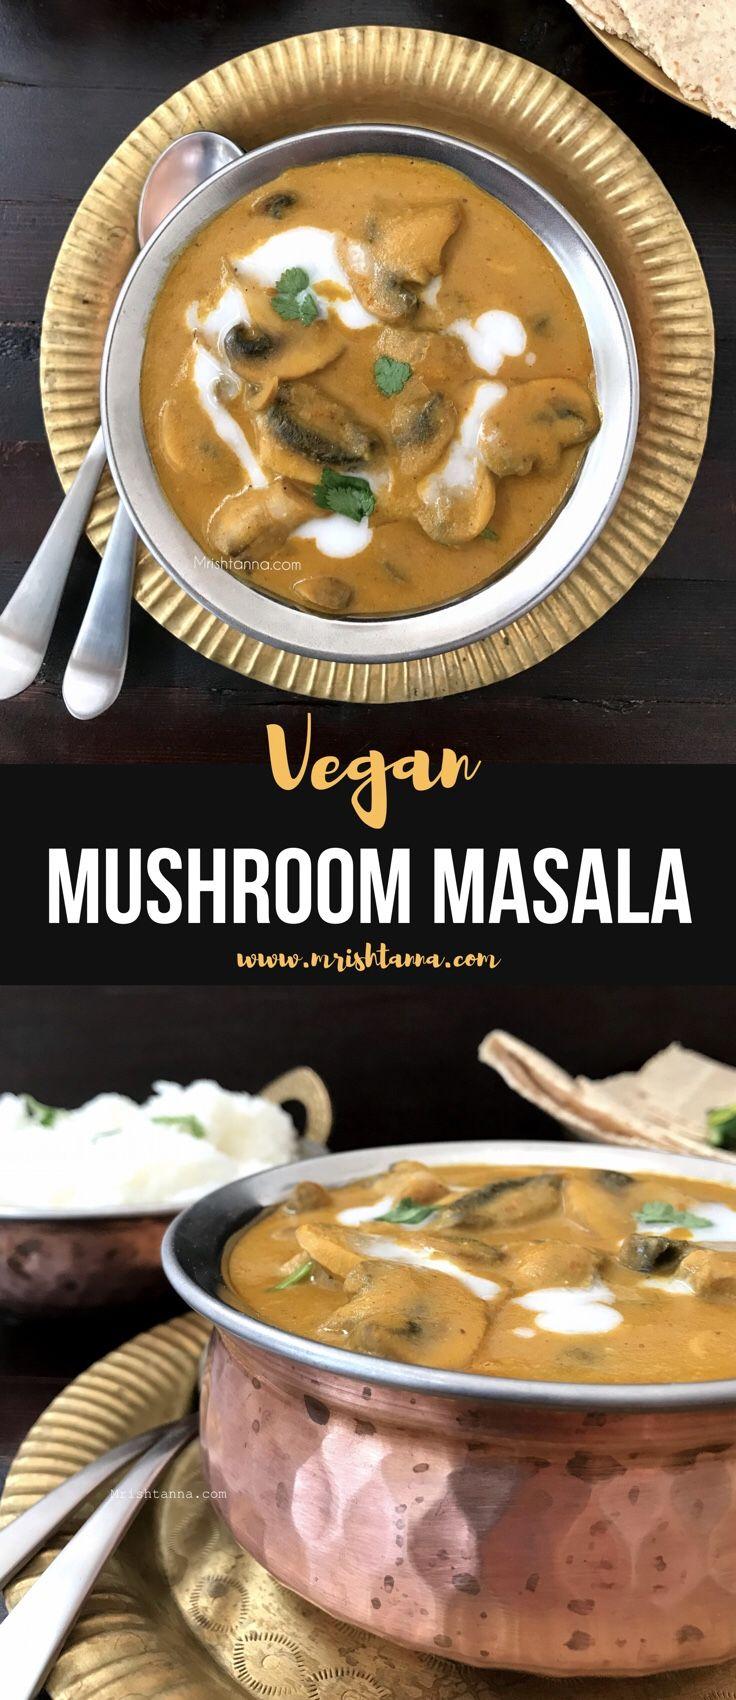 Vegan Mushroom Masala